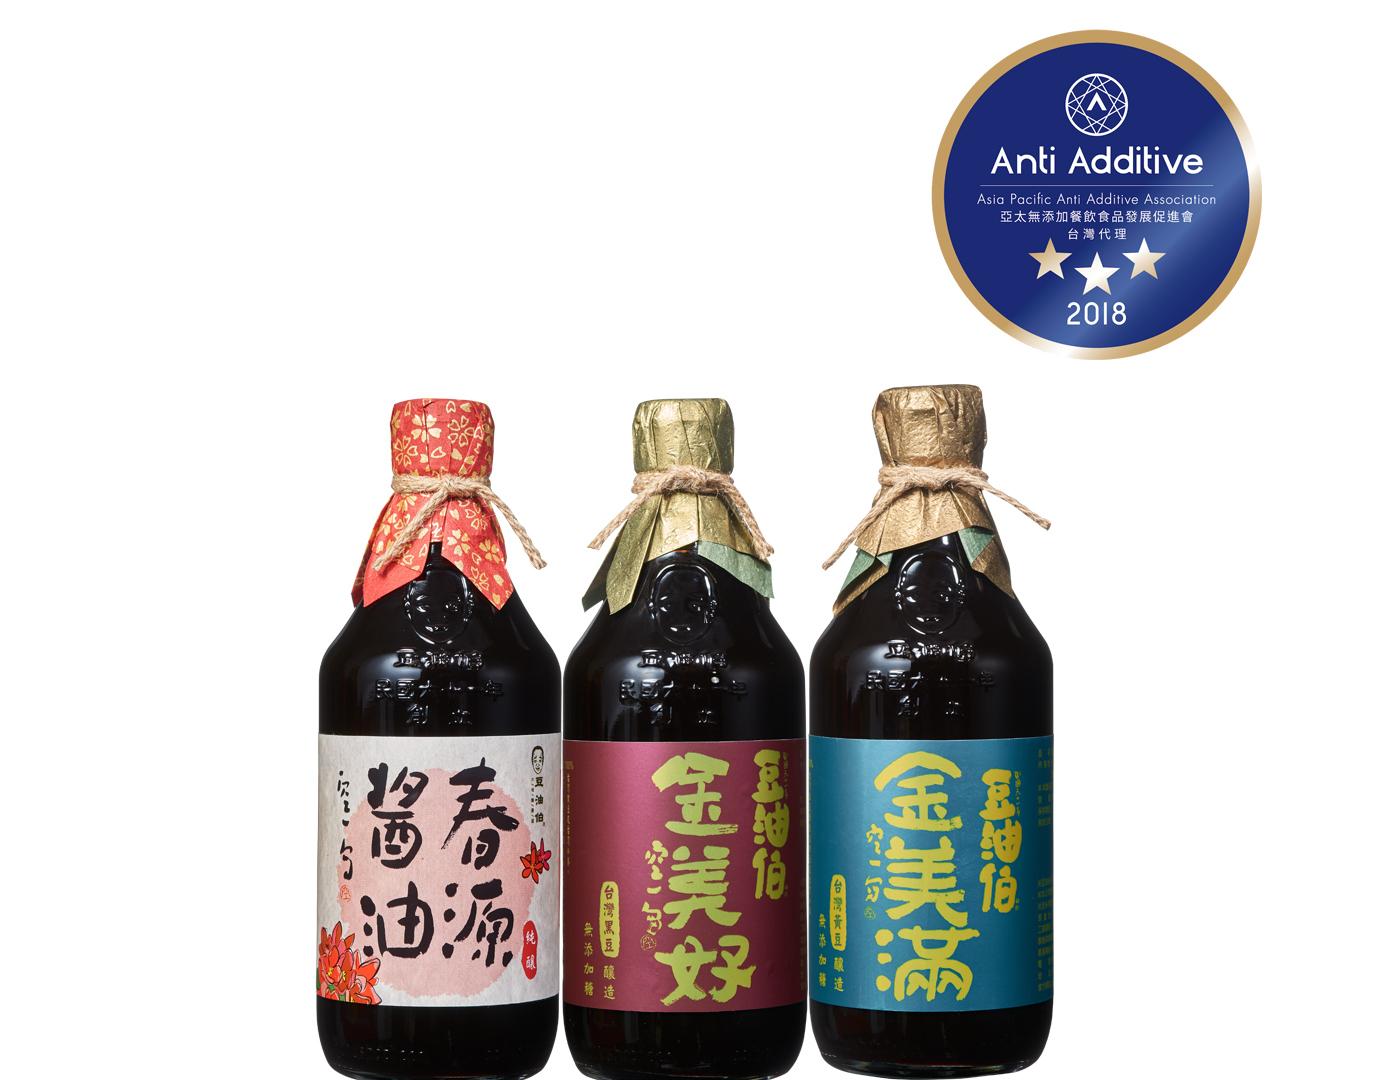 無添加黑豆醬油組:金美好無加糖*2/春源黑豆*2(醬油*4入)送甘田薄鹽醬油200ml